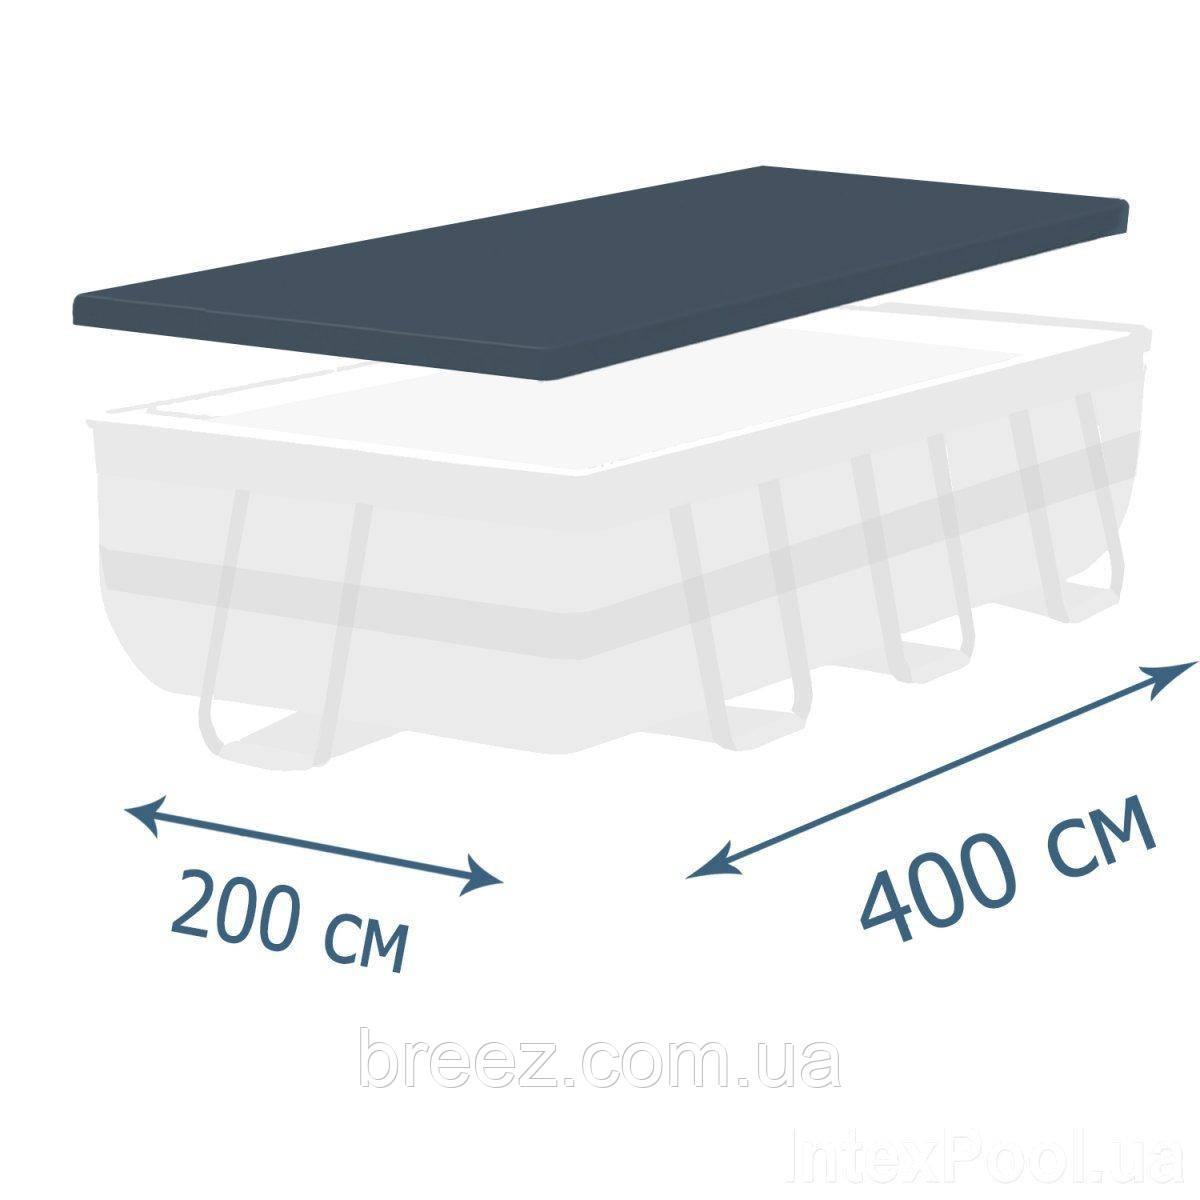 Тент чехол для каркасного бассейна Intex 28037 400 х 200 см